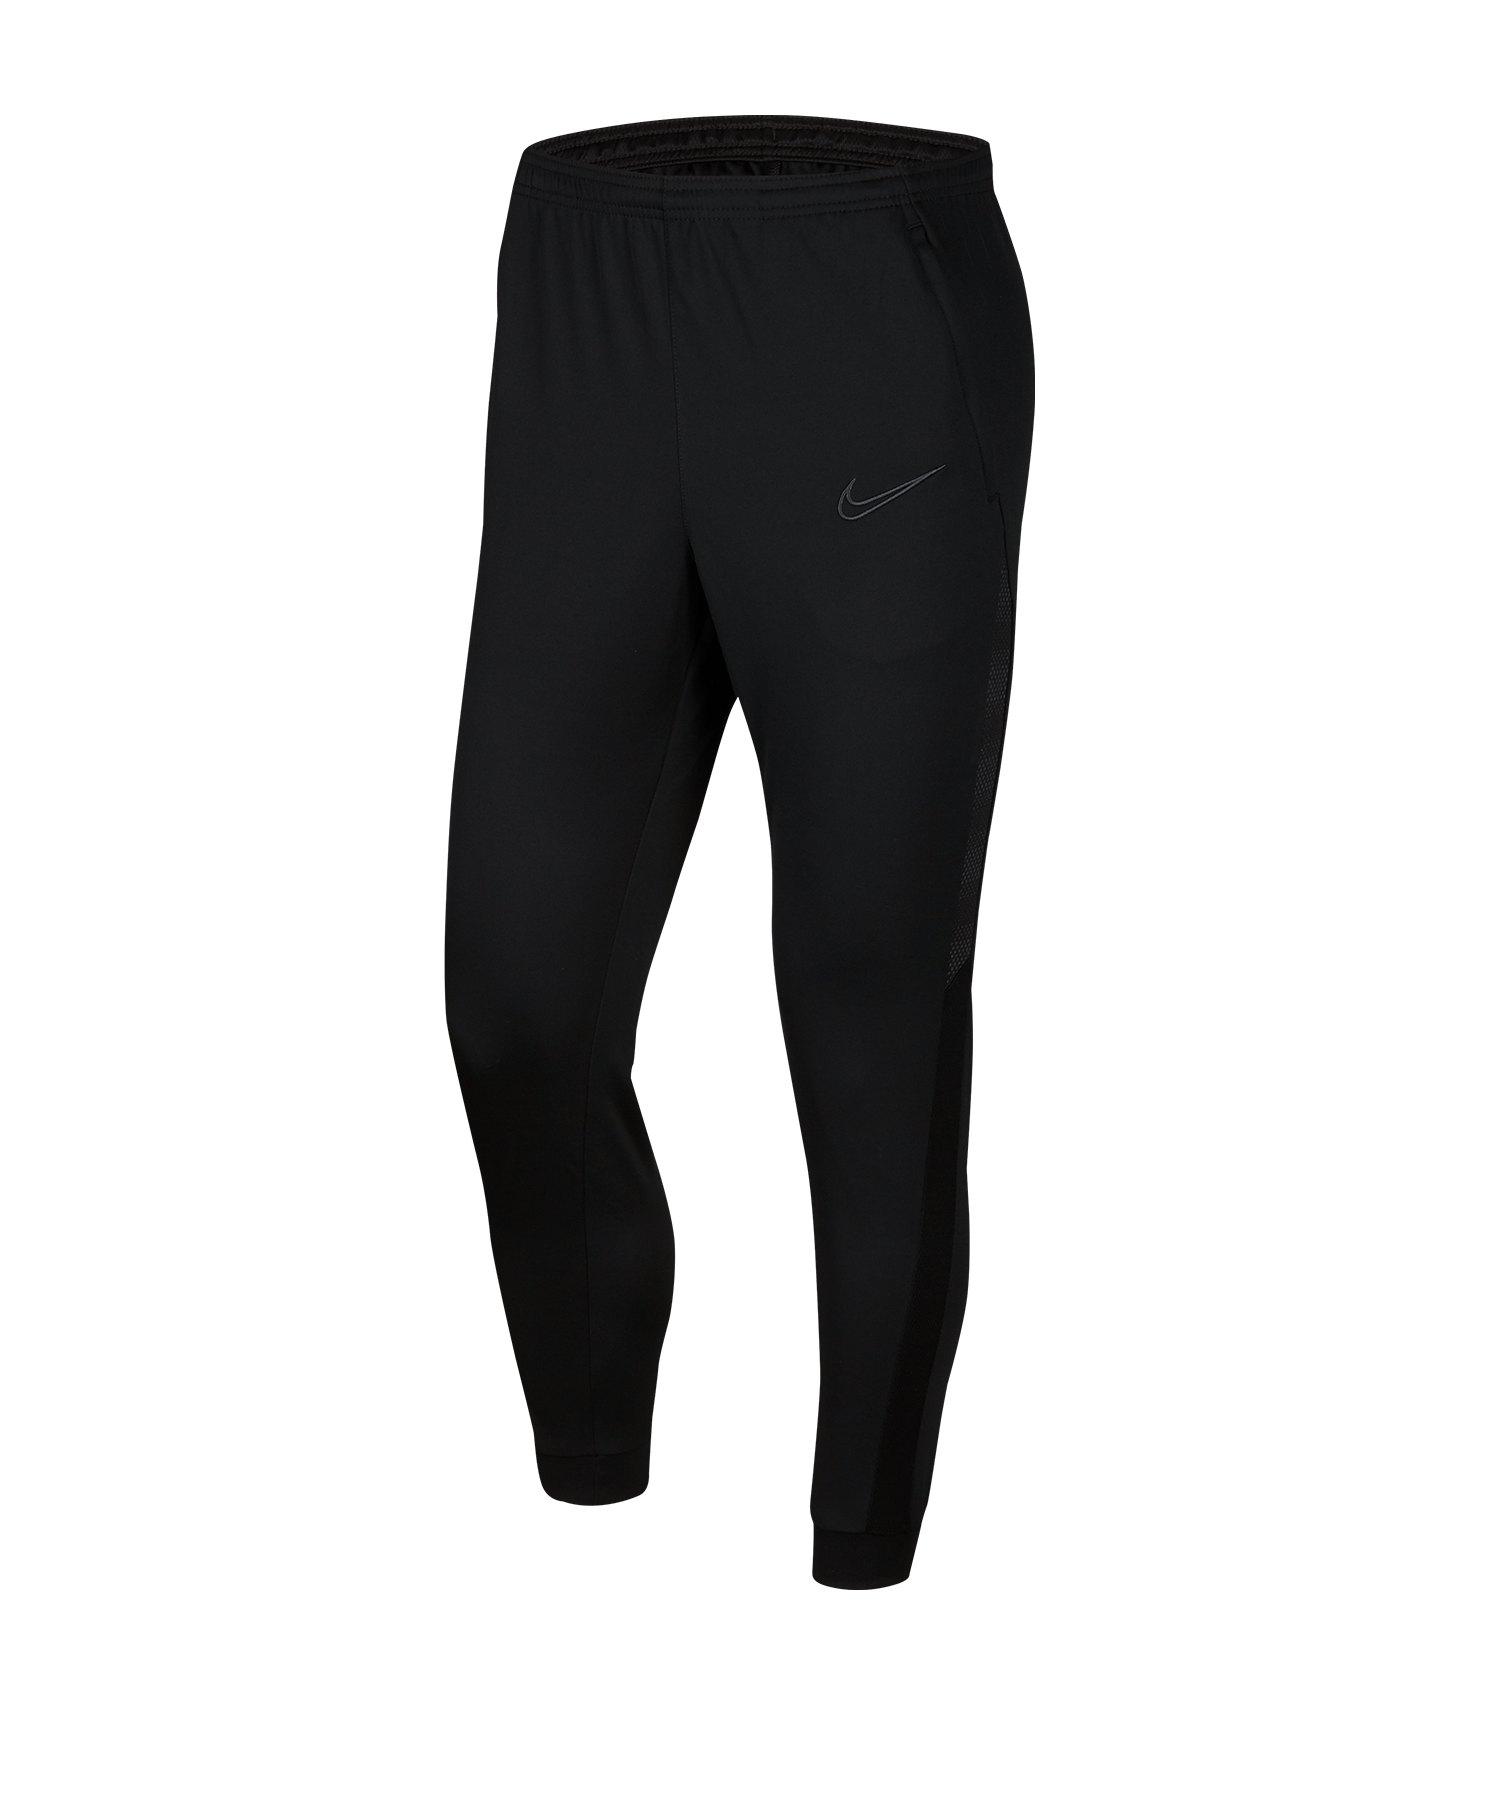 Nike Academy Trainingshose Schwarz F010 - schwarz